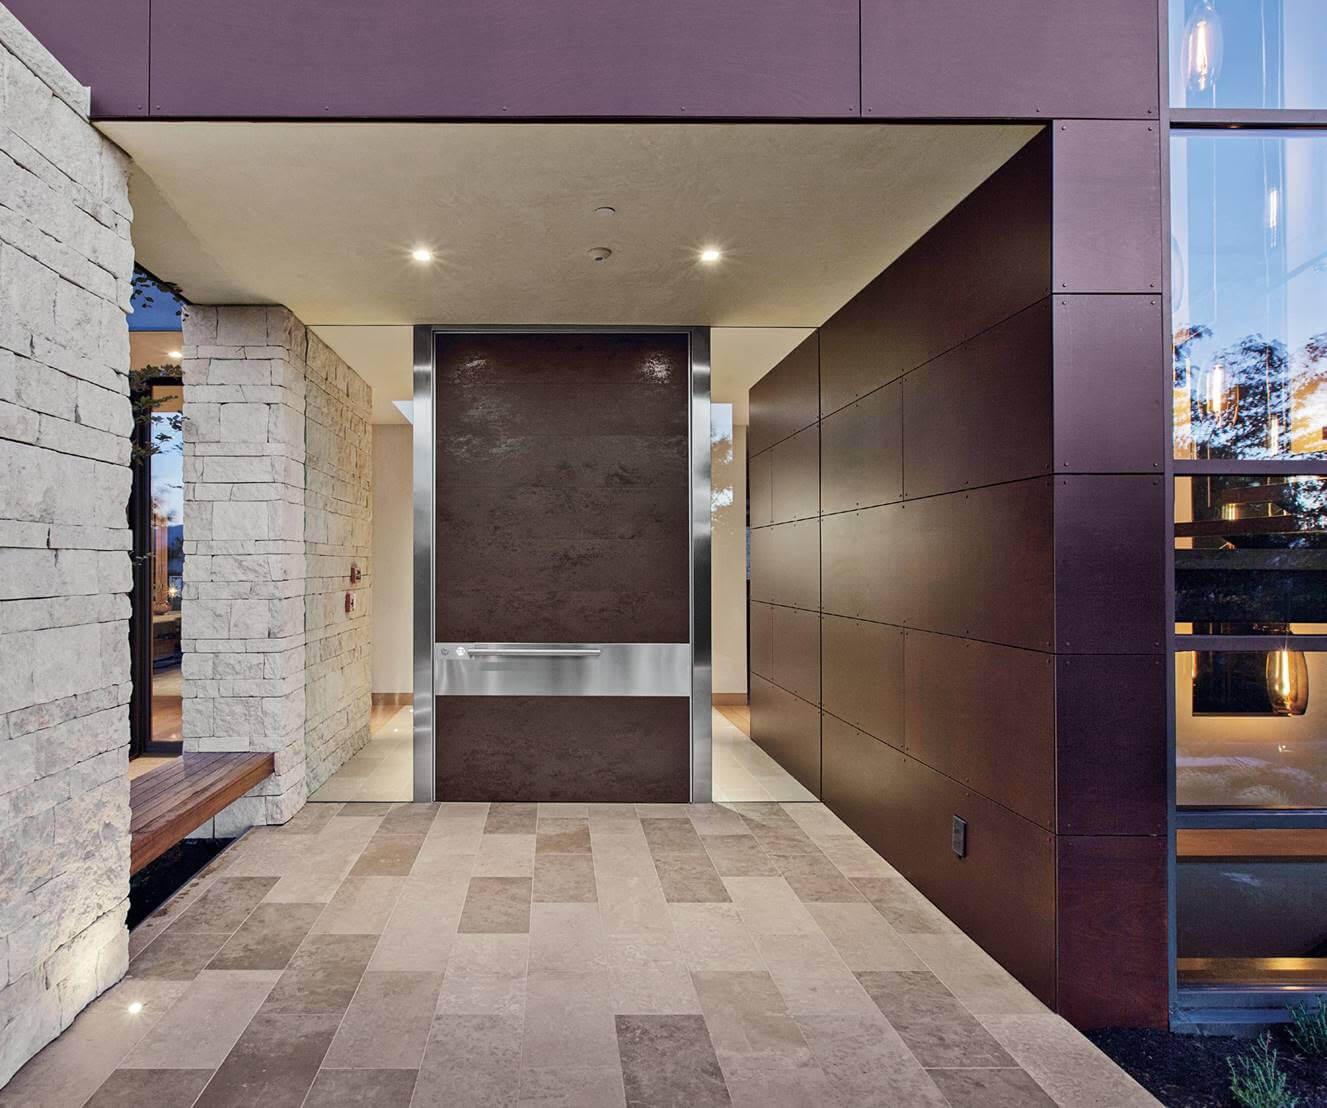 SVAI_porta blindata marrone effetto cemento con maniglione orizzontale in acciaio